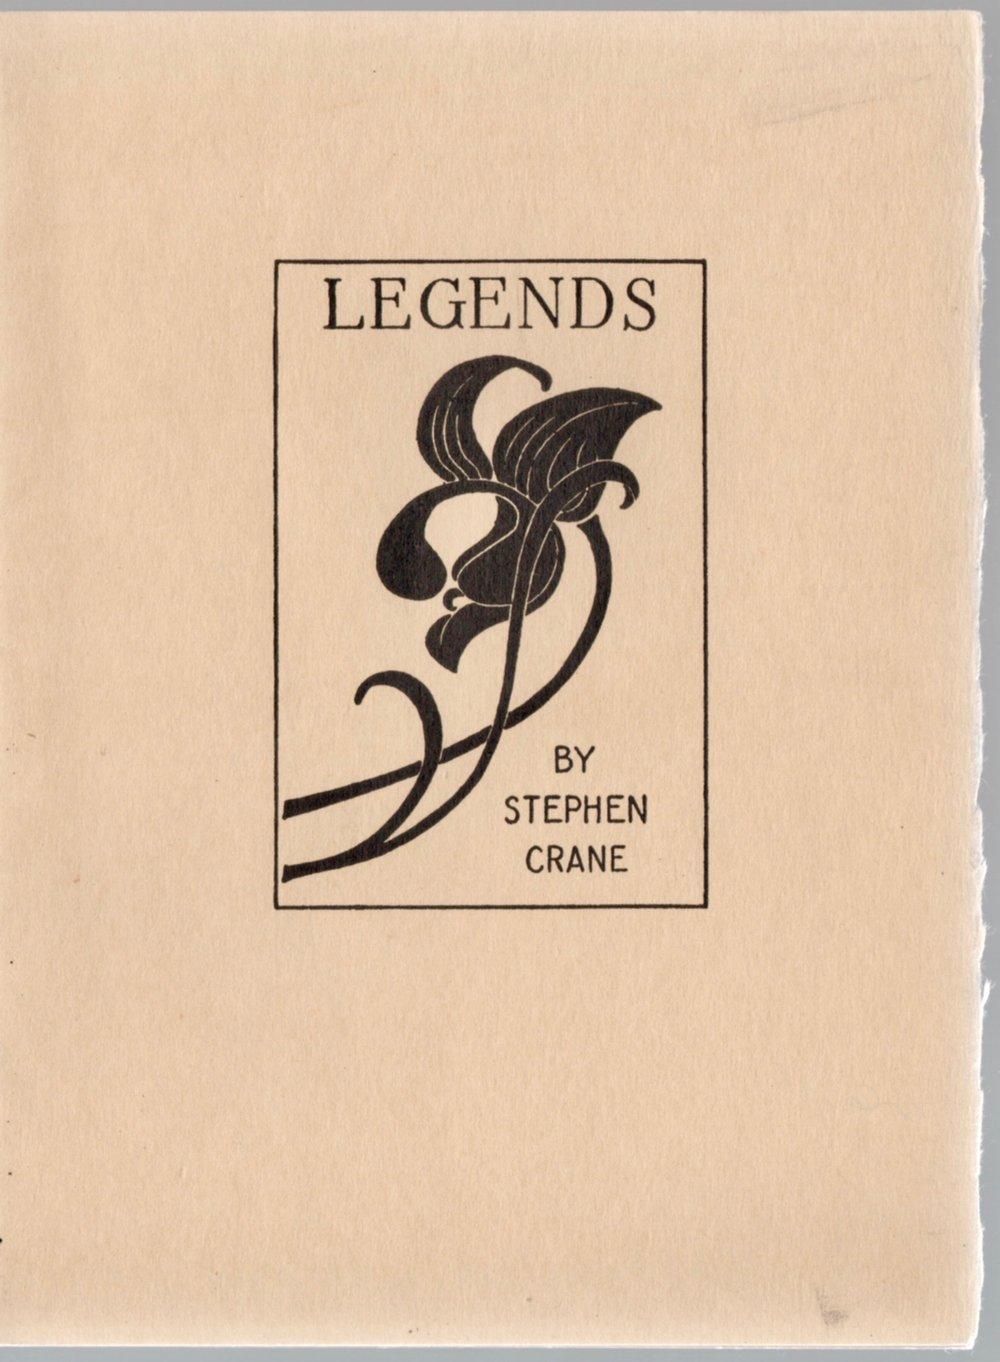 Legends cover.jpg